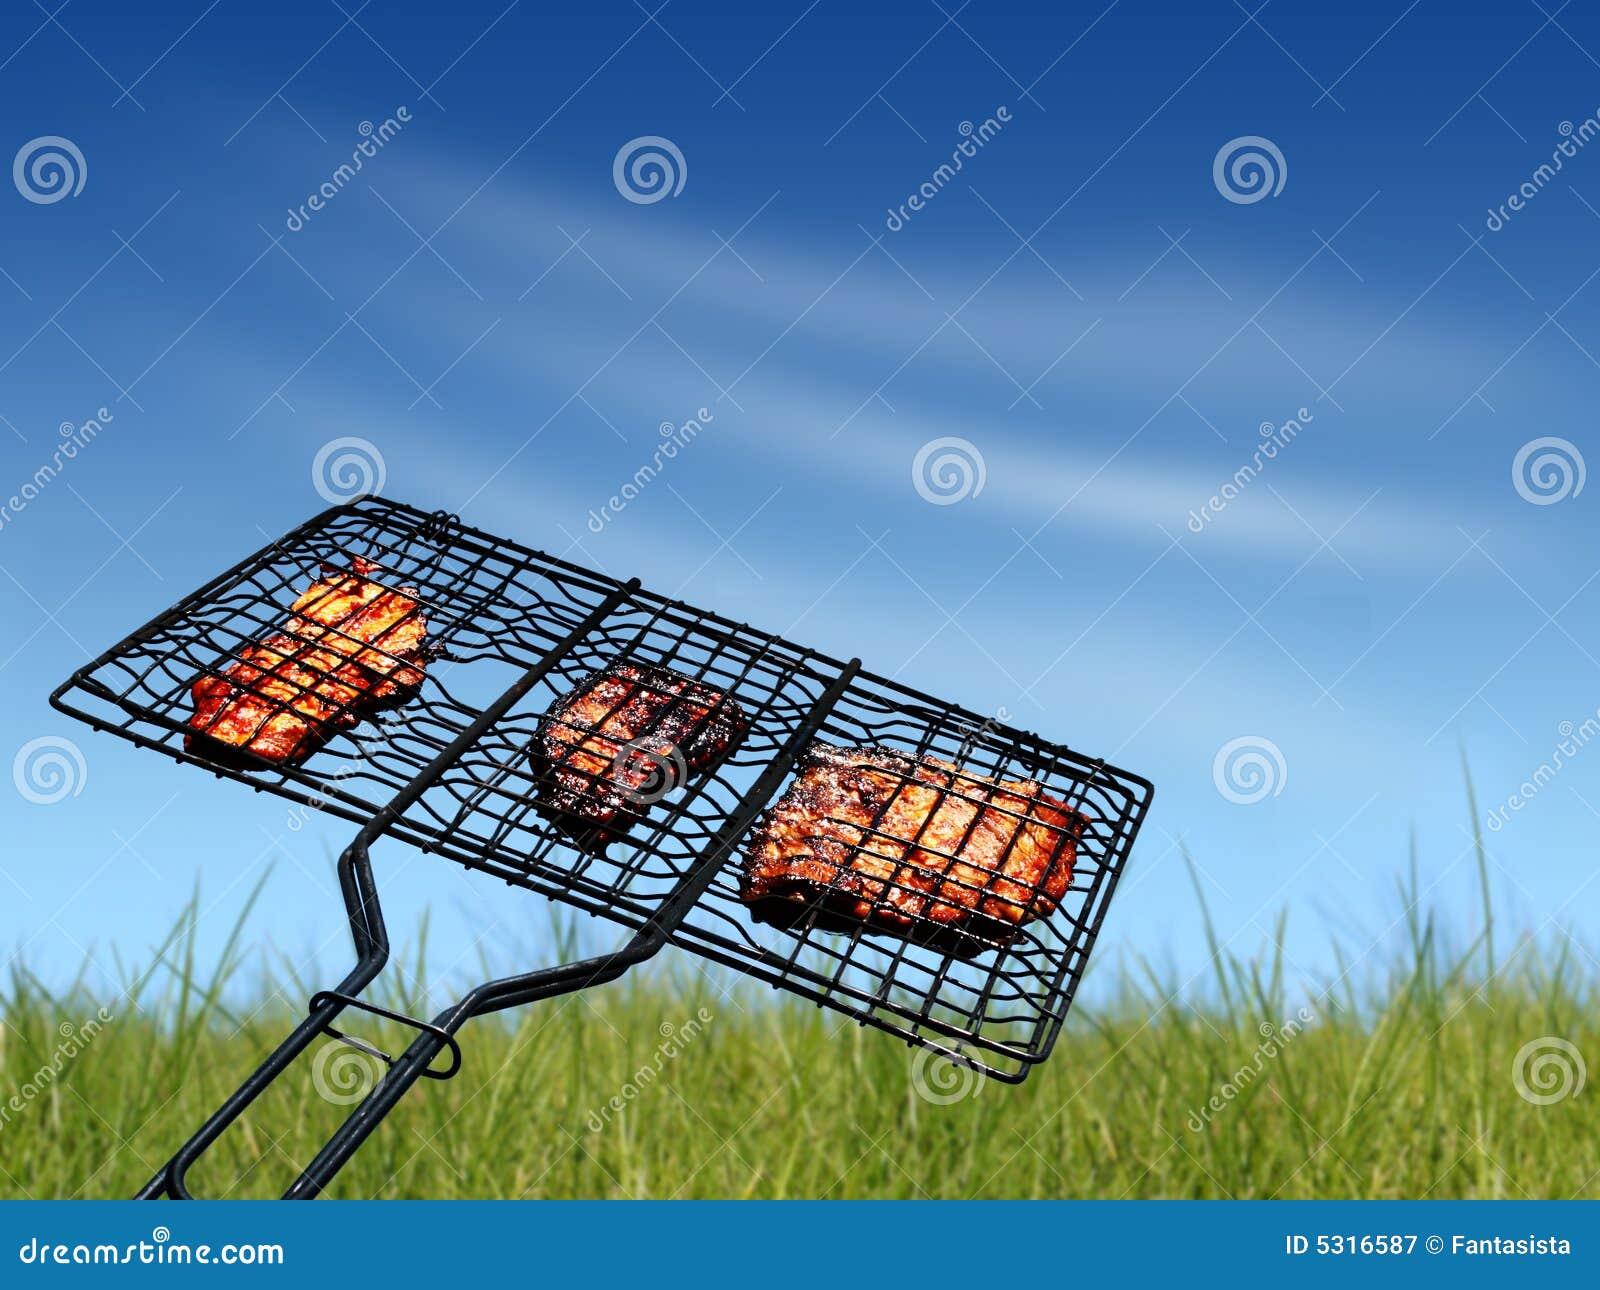 Download Griglia immagine stock. Immagine di griglia, carne, fuoco - 5316587